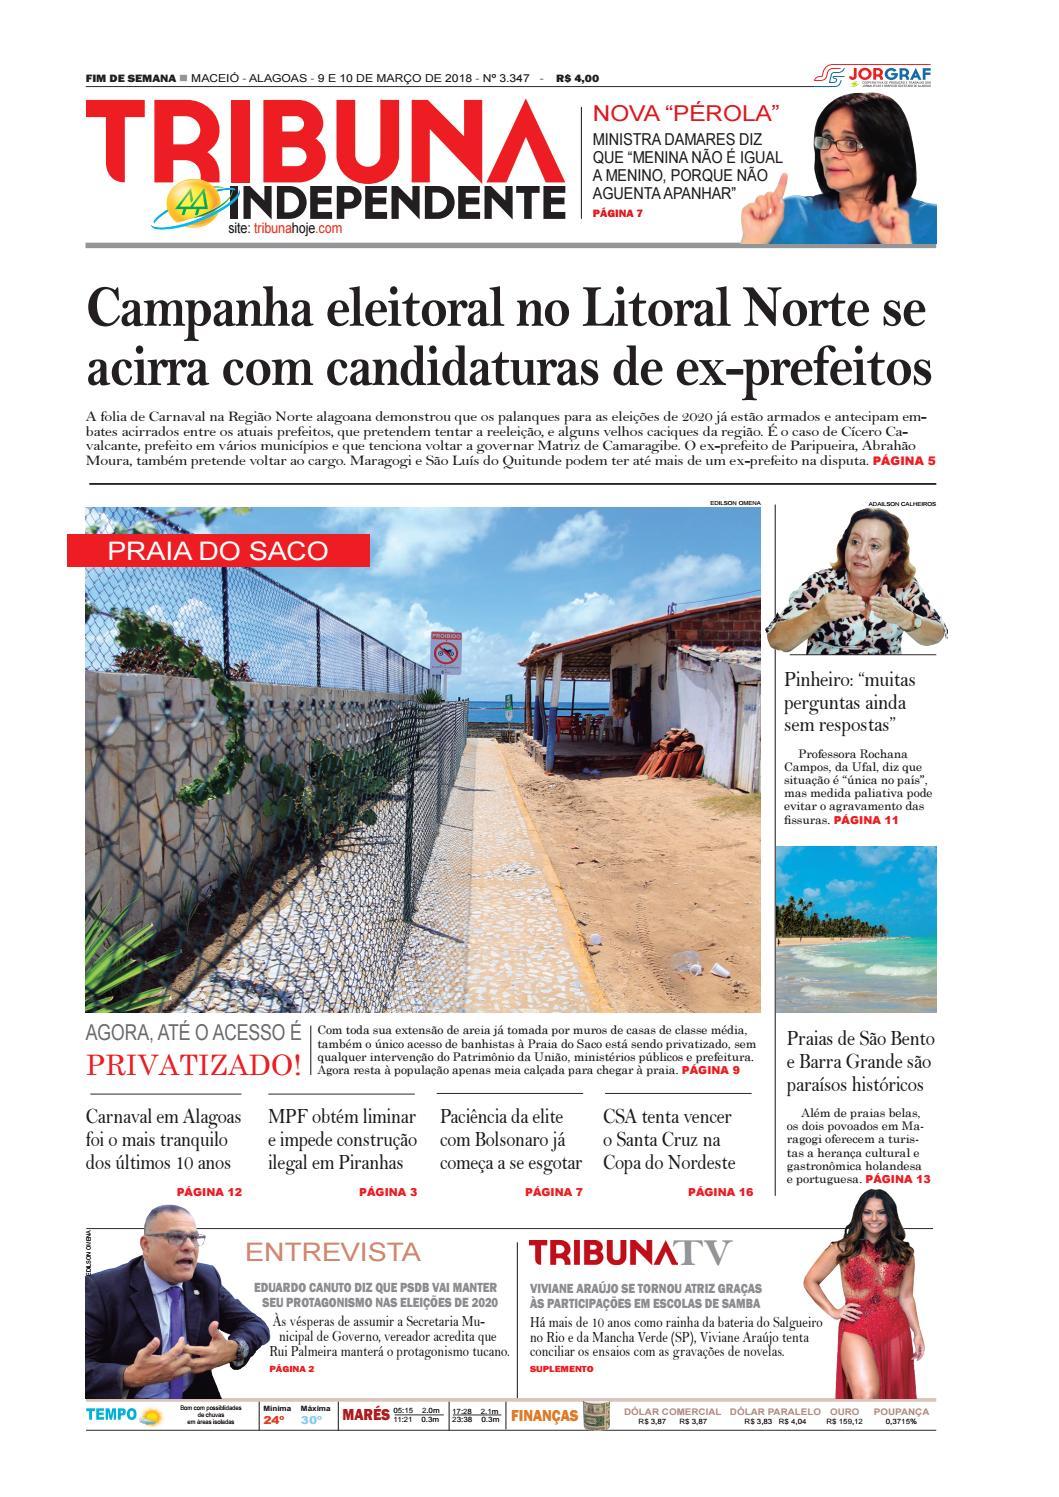 81e6bd78b7f25 Edição número 3347 - 9 e 10 de março de 2019 by Tribuna Hoje - issuu